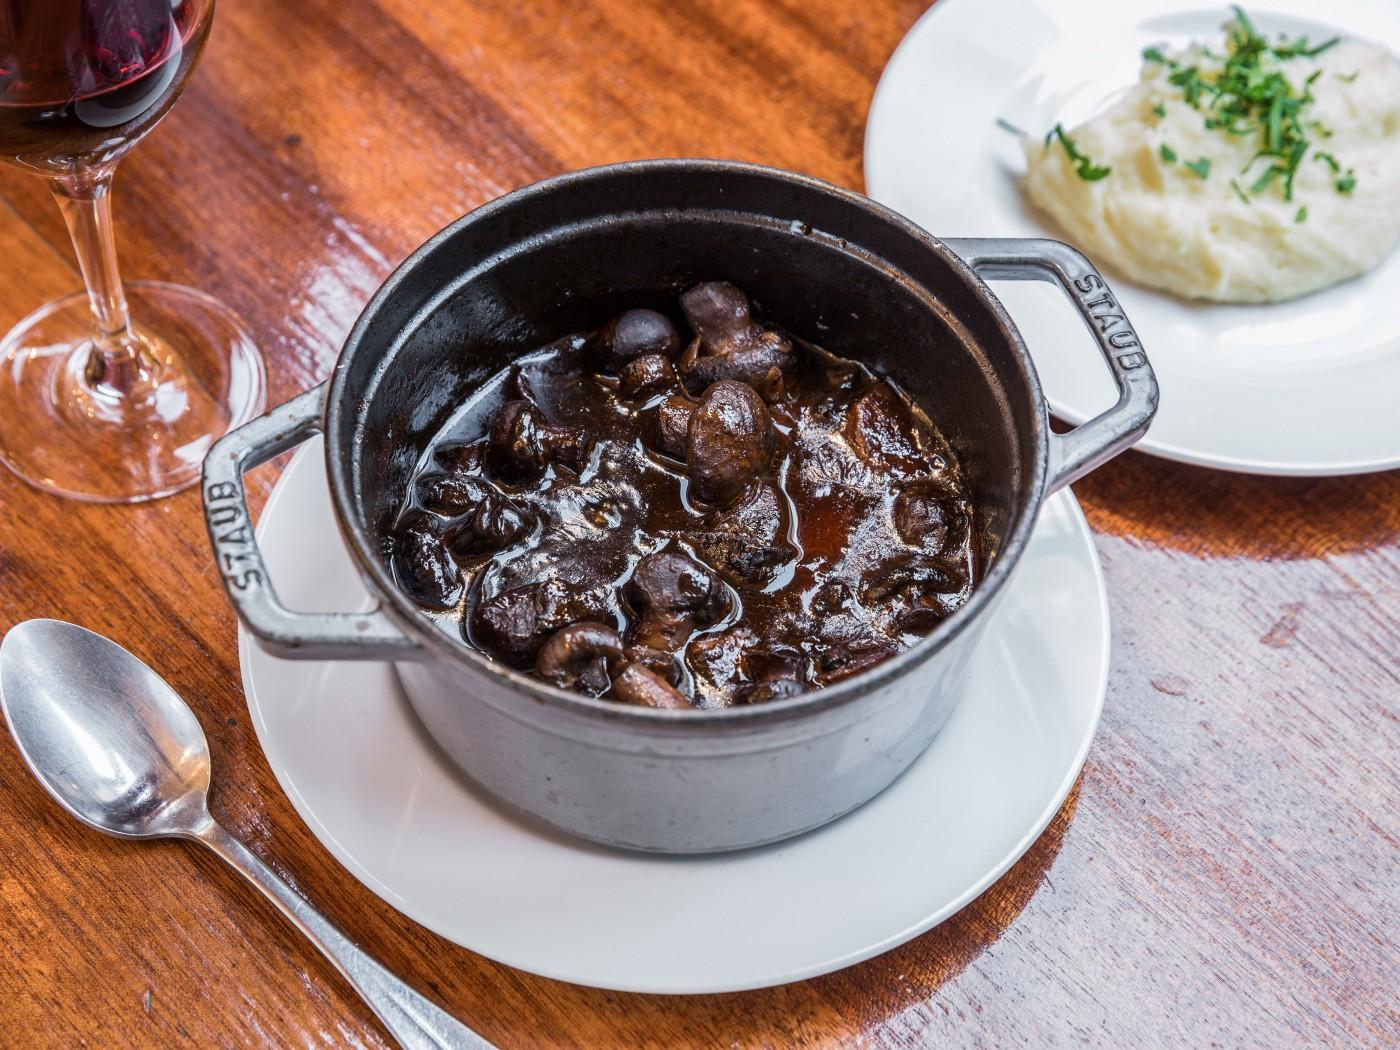 Bœuf_Bourguignon_restaurant_marais_cafe_des_musees